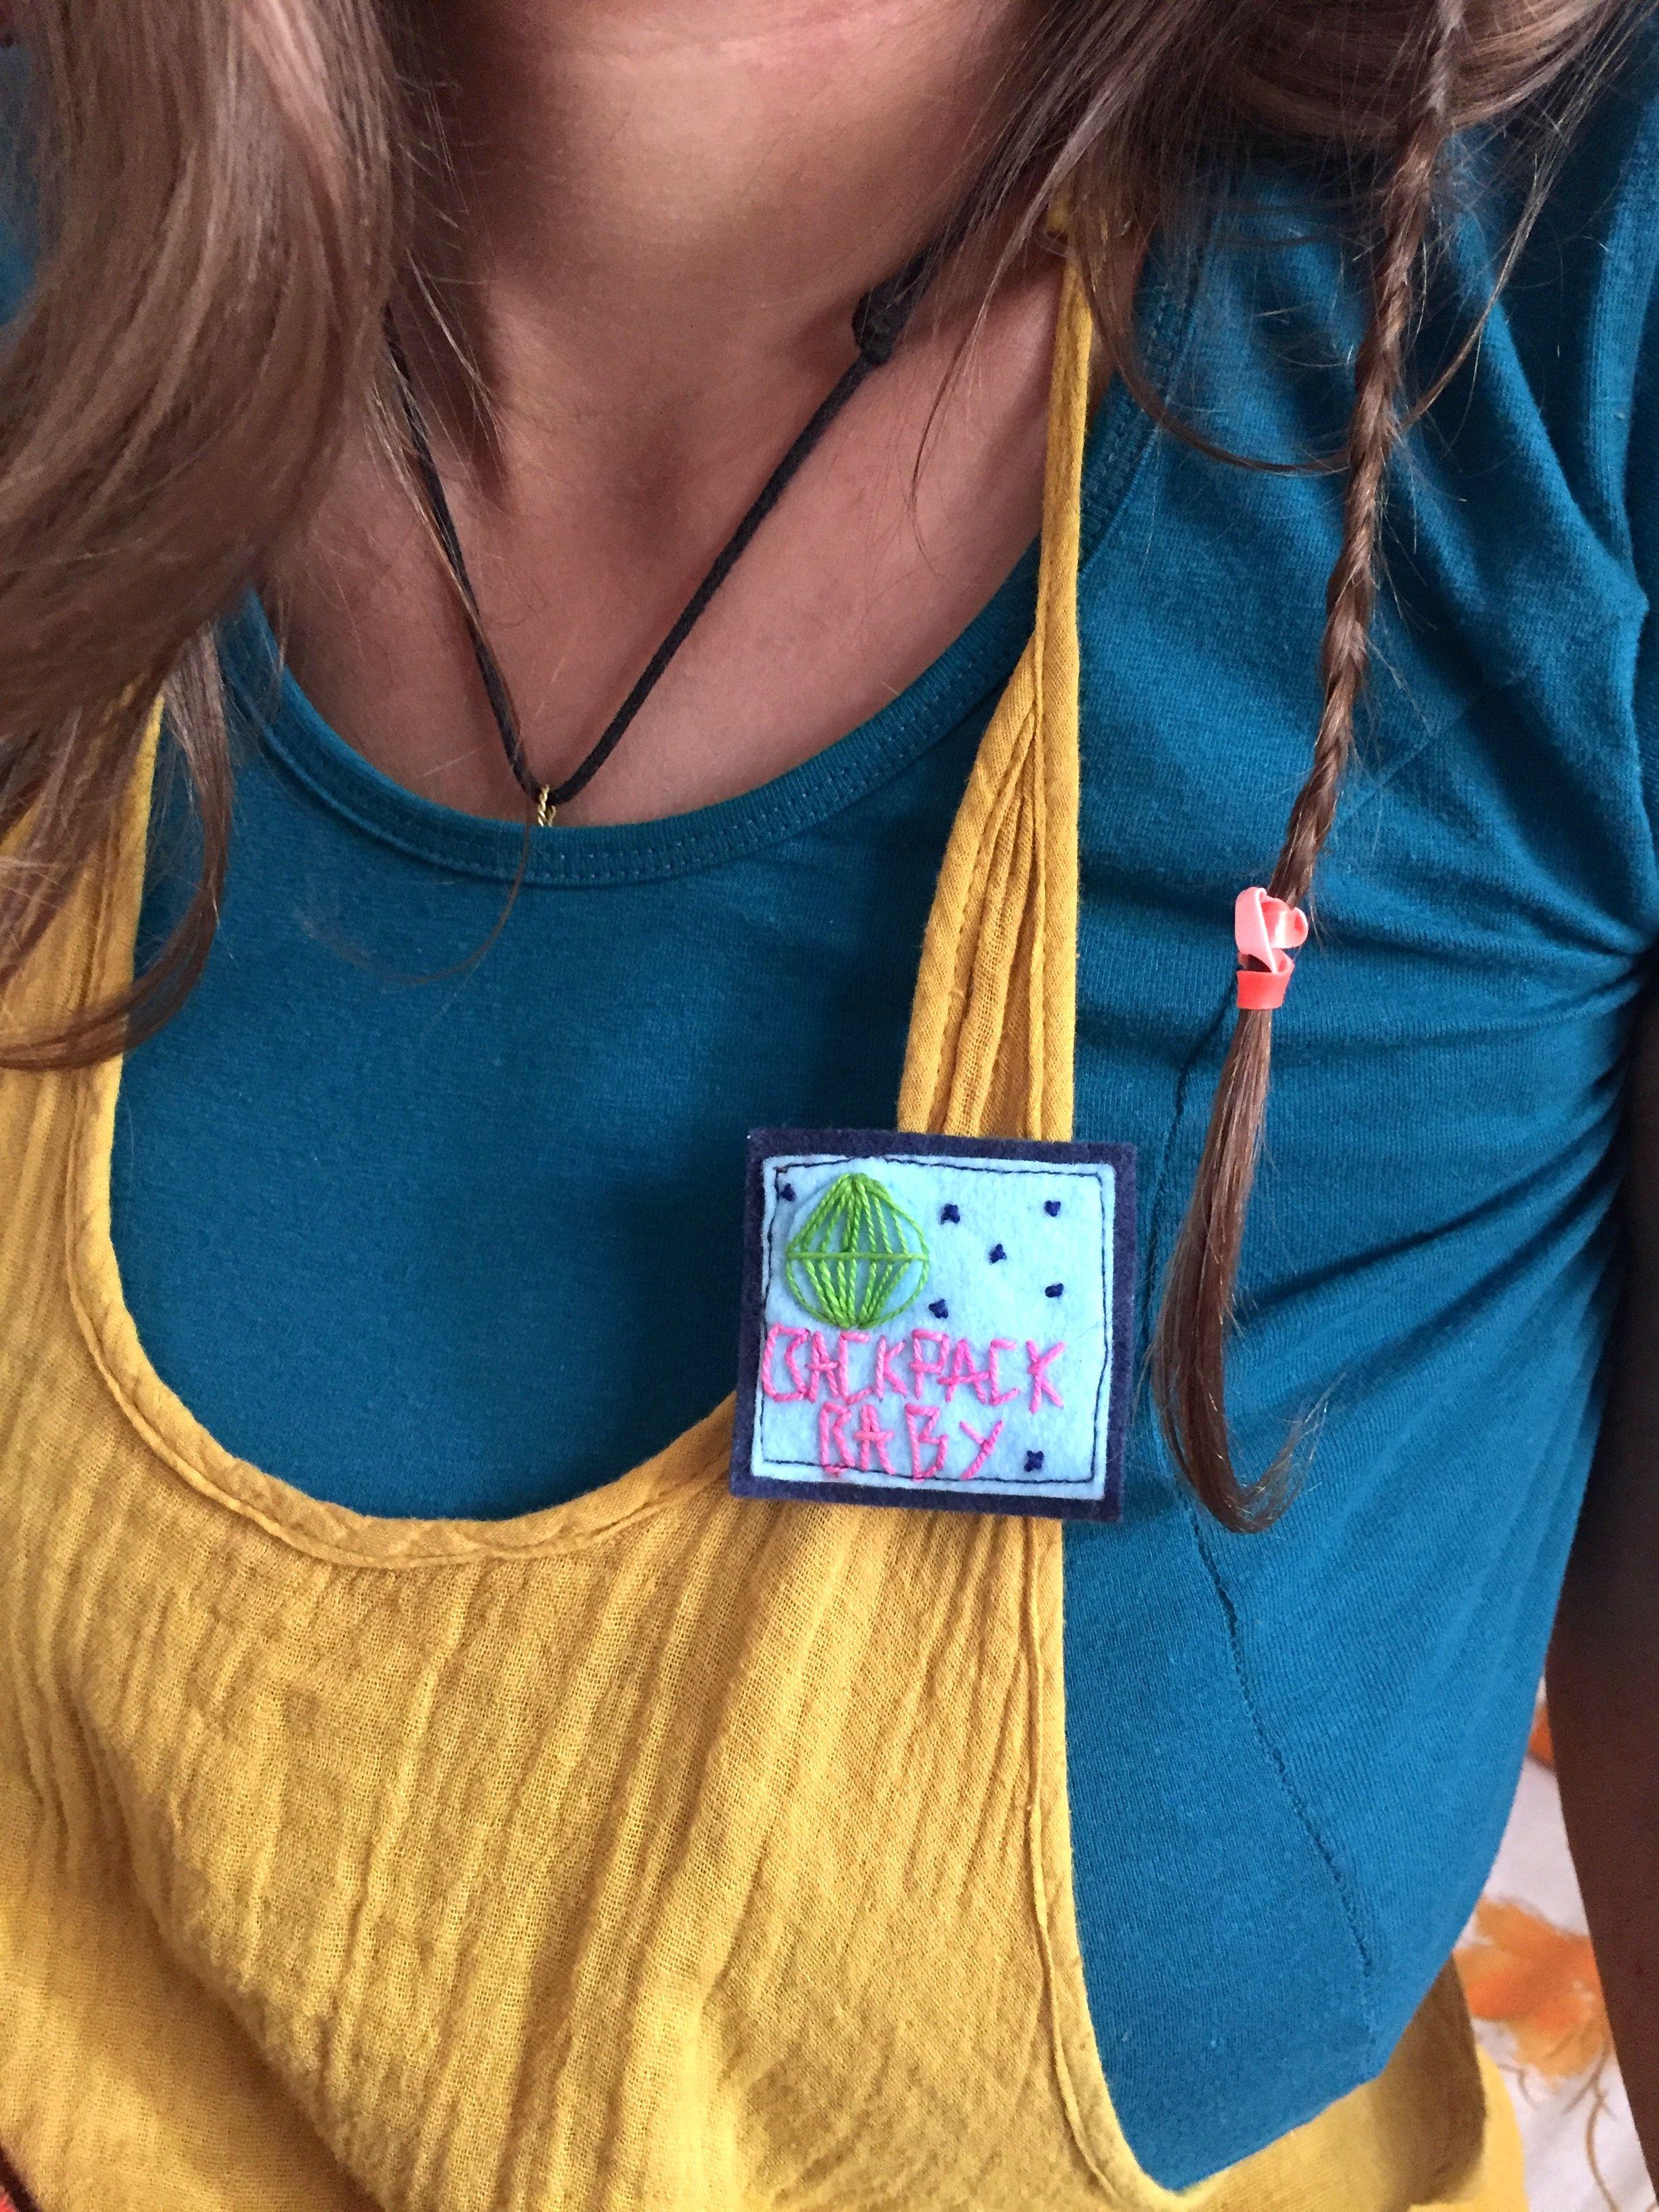 Alicia Nieto hat uns Anstecker für Backpack Baby gemacht. An diesem Wochenende in Bildern in Pushkar ist auch so manch anderer Wunsch in Erfüllung gegangen.